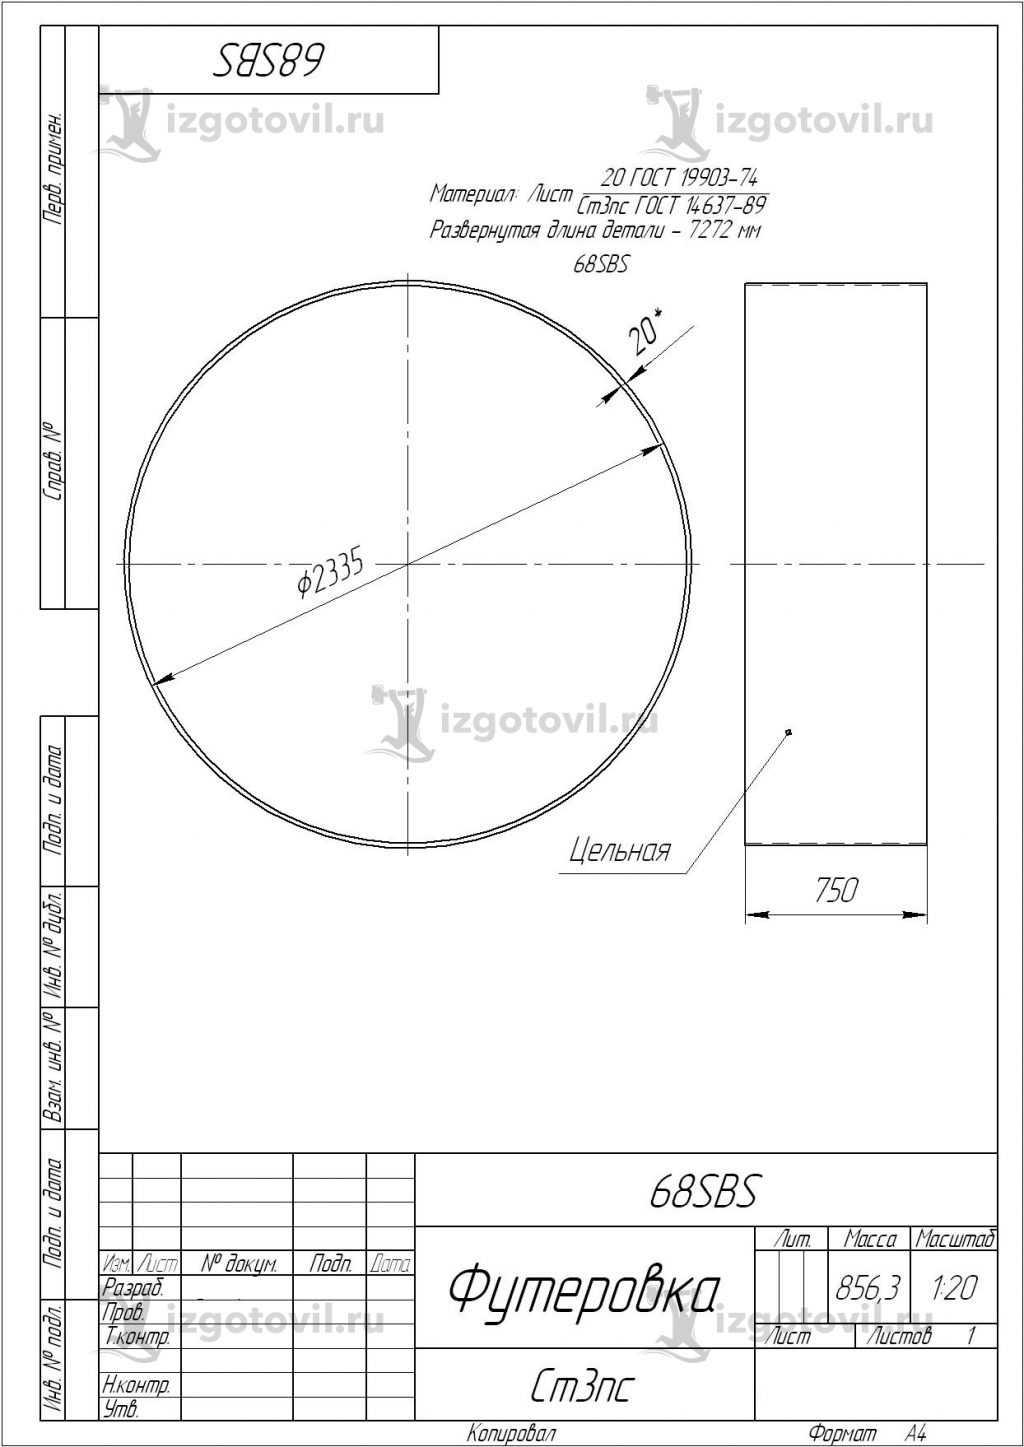 Изготовление деталей по чертежам: изготовление футеровки